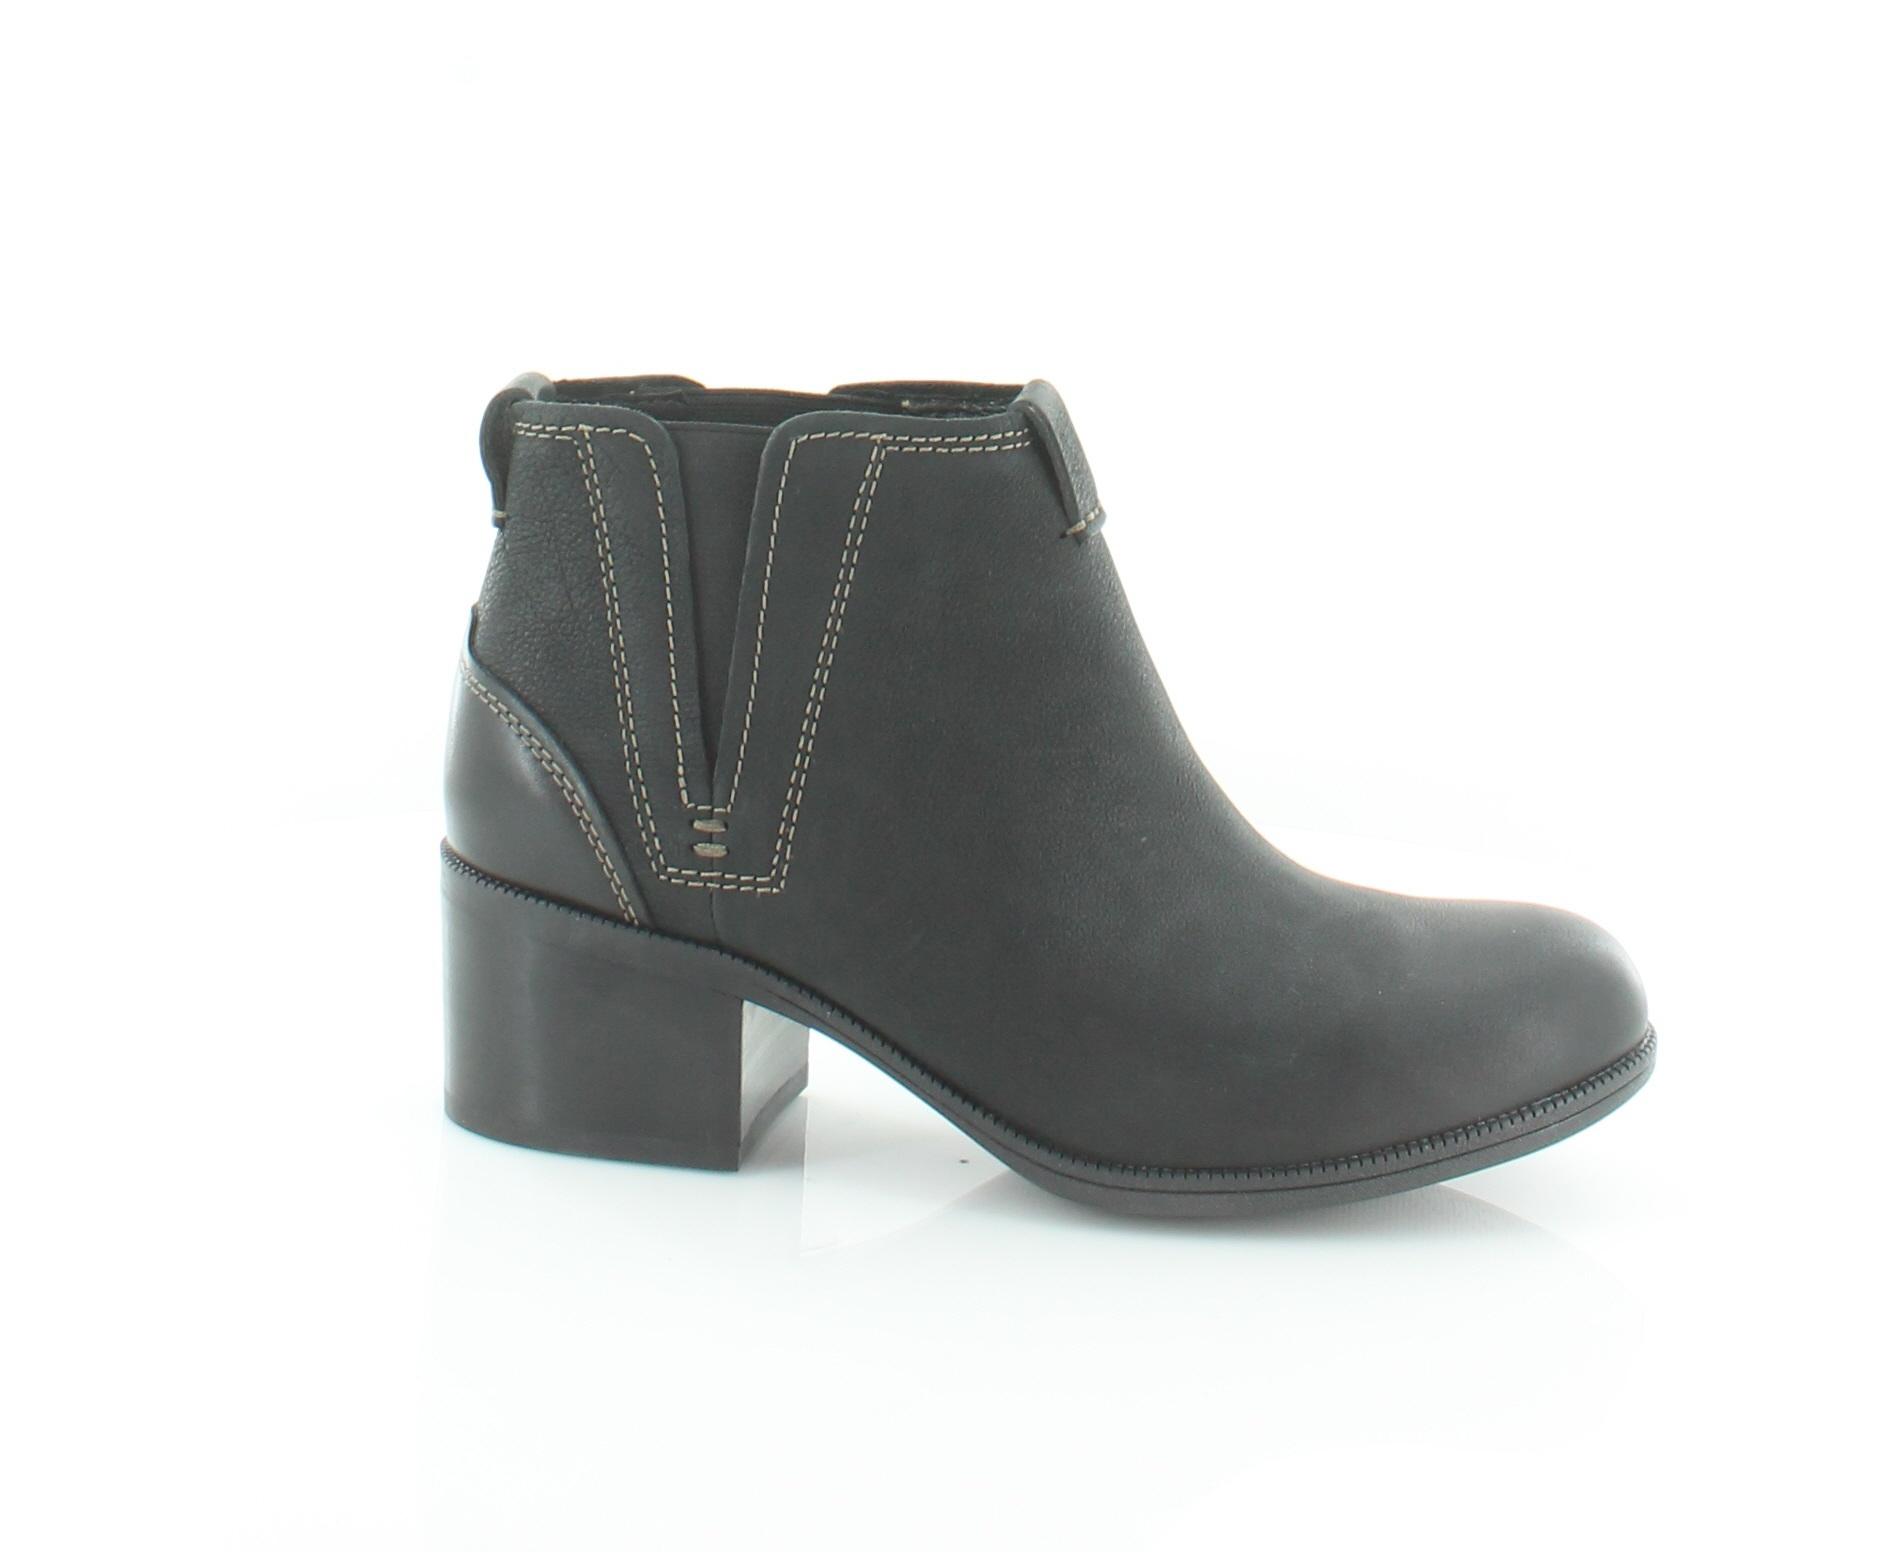 Clarks New Maypearl Daisy nero donna scarpe Dimensione 8.5 M stivali MSRP  155